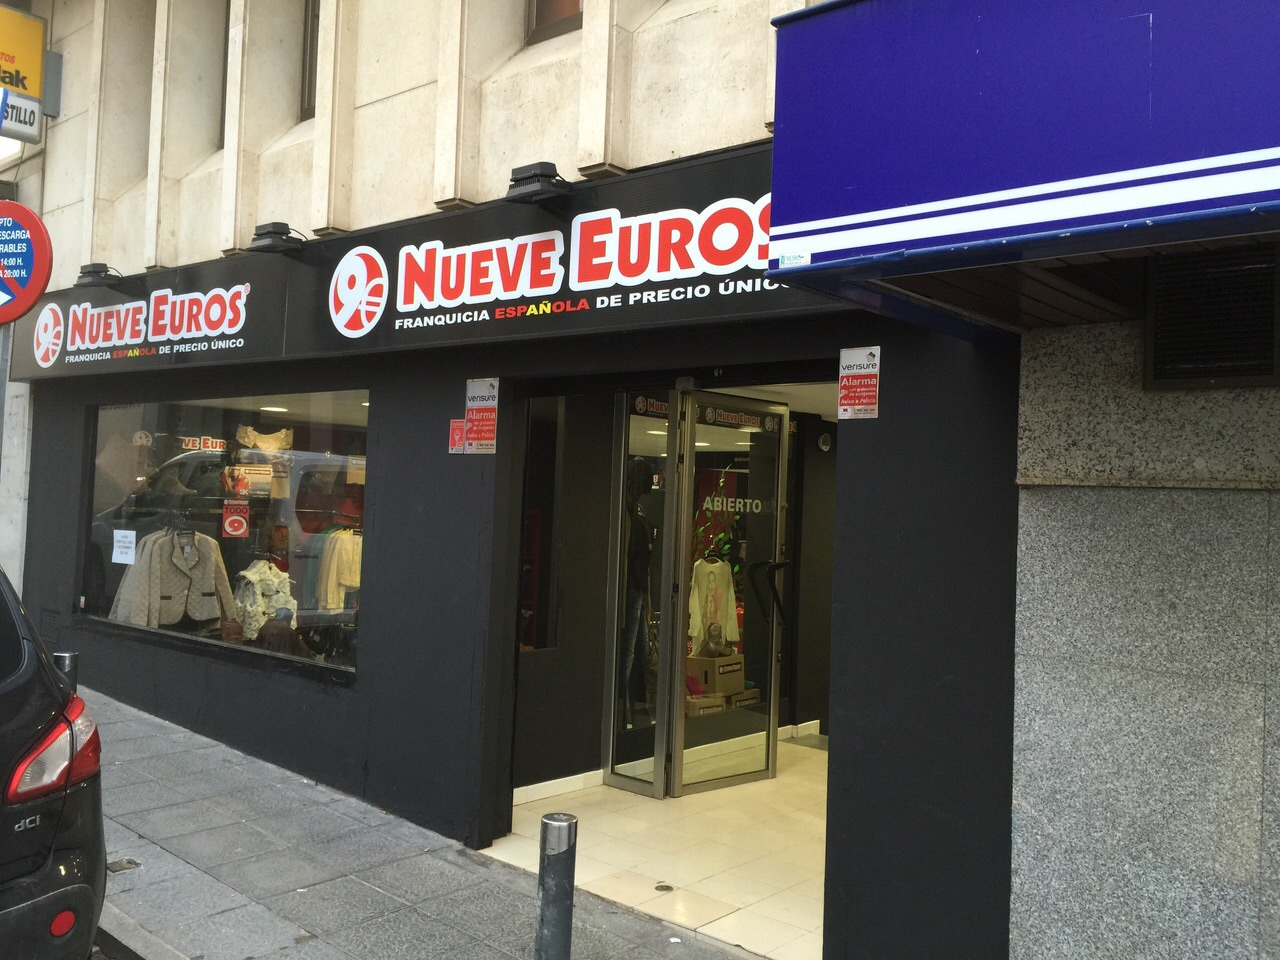 franquicia Nueve Euros